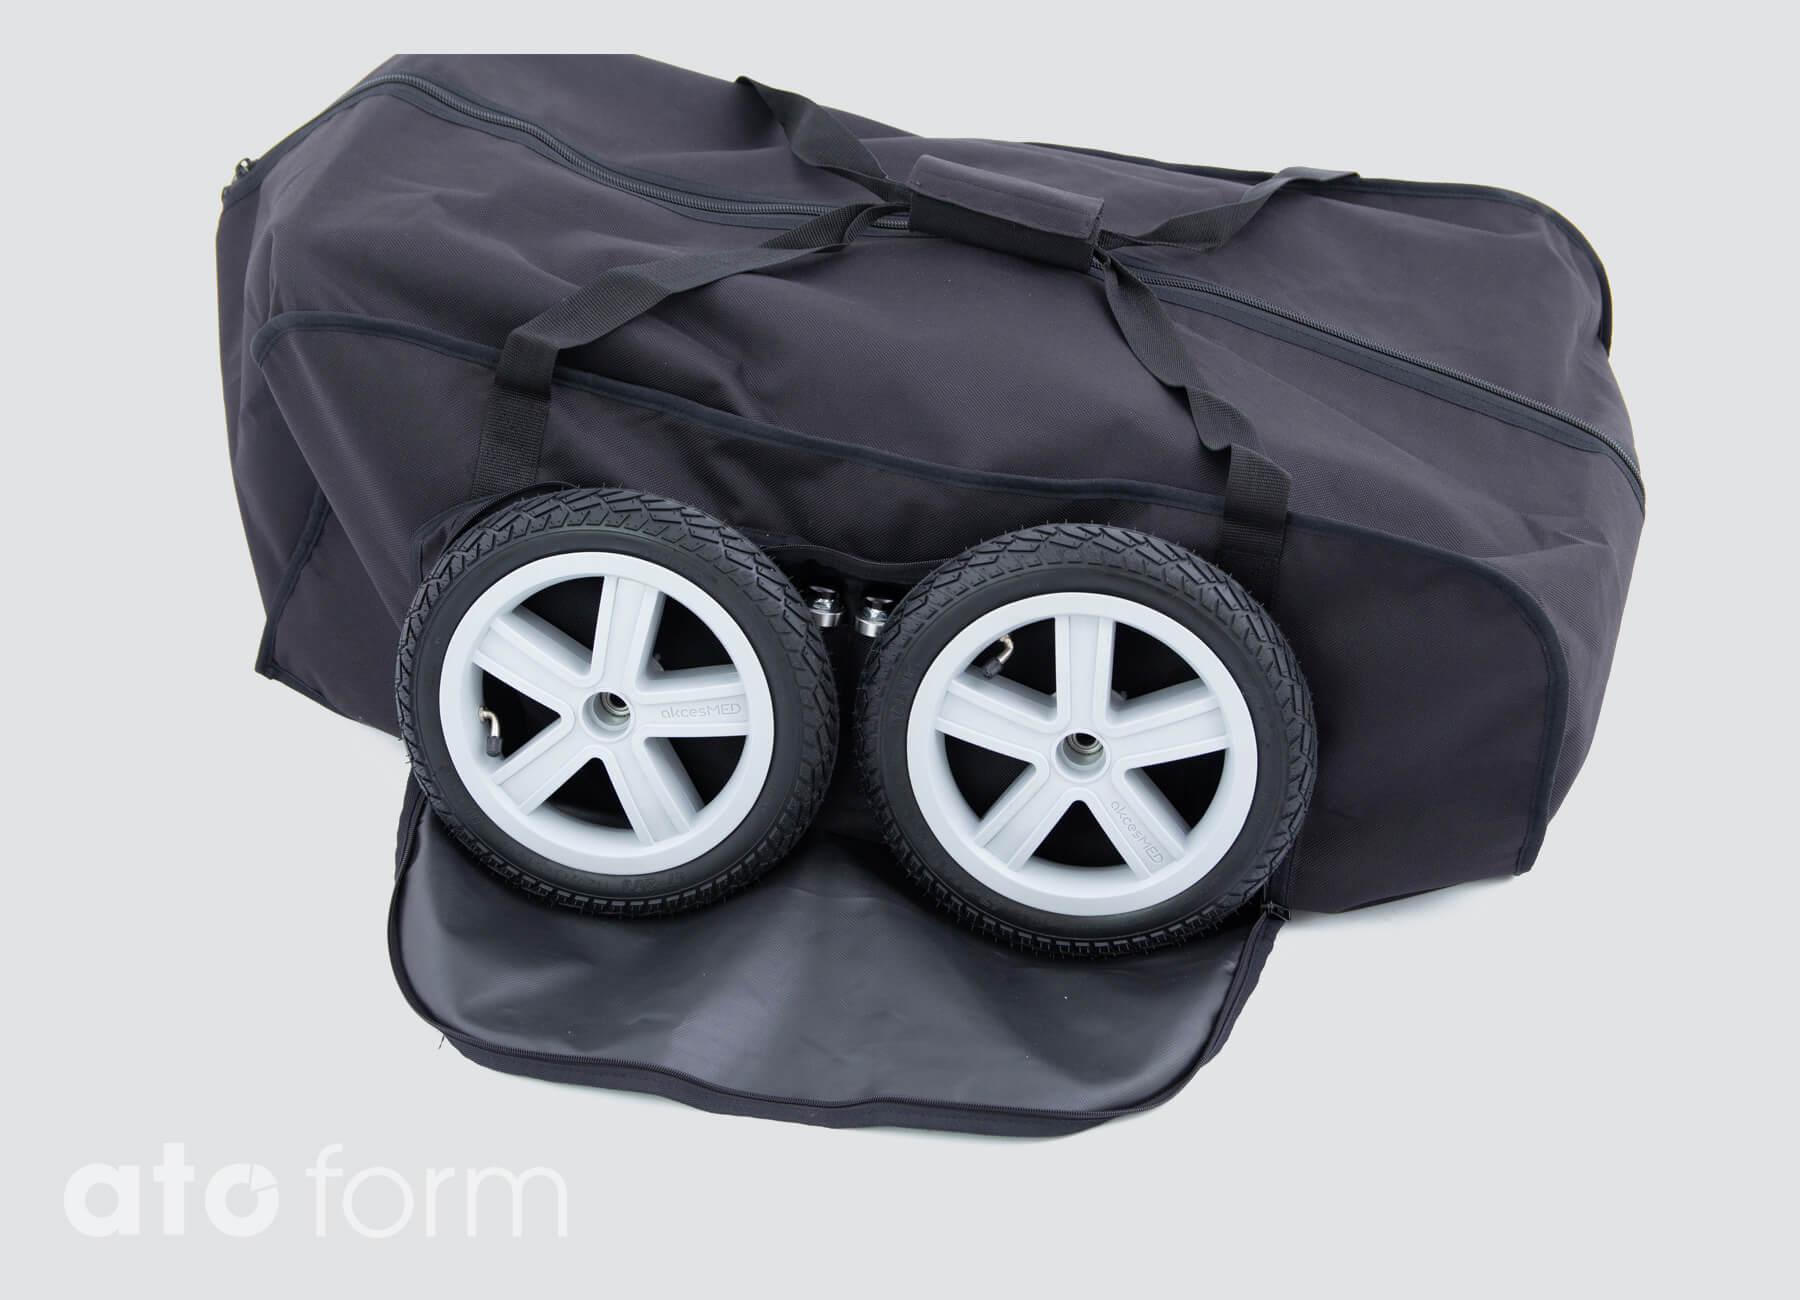 Nova Transporttasche Reifen